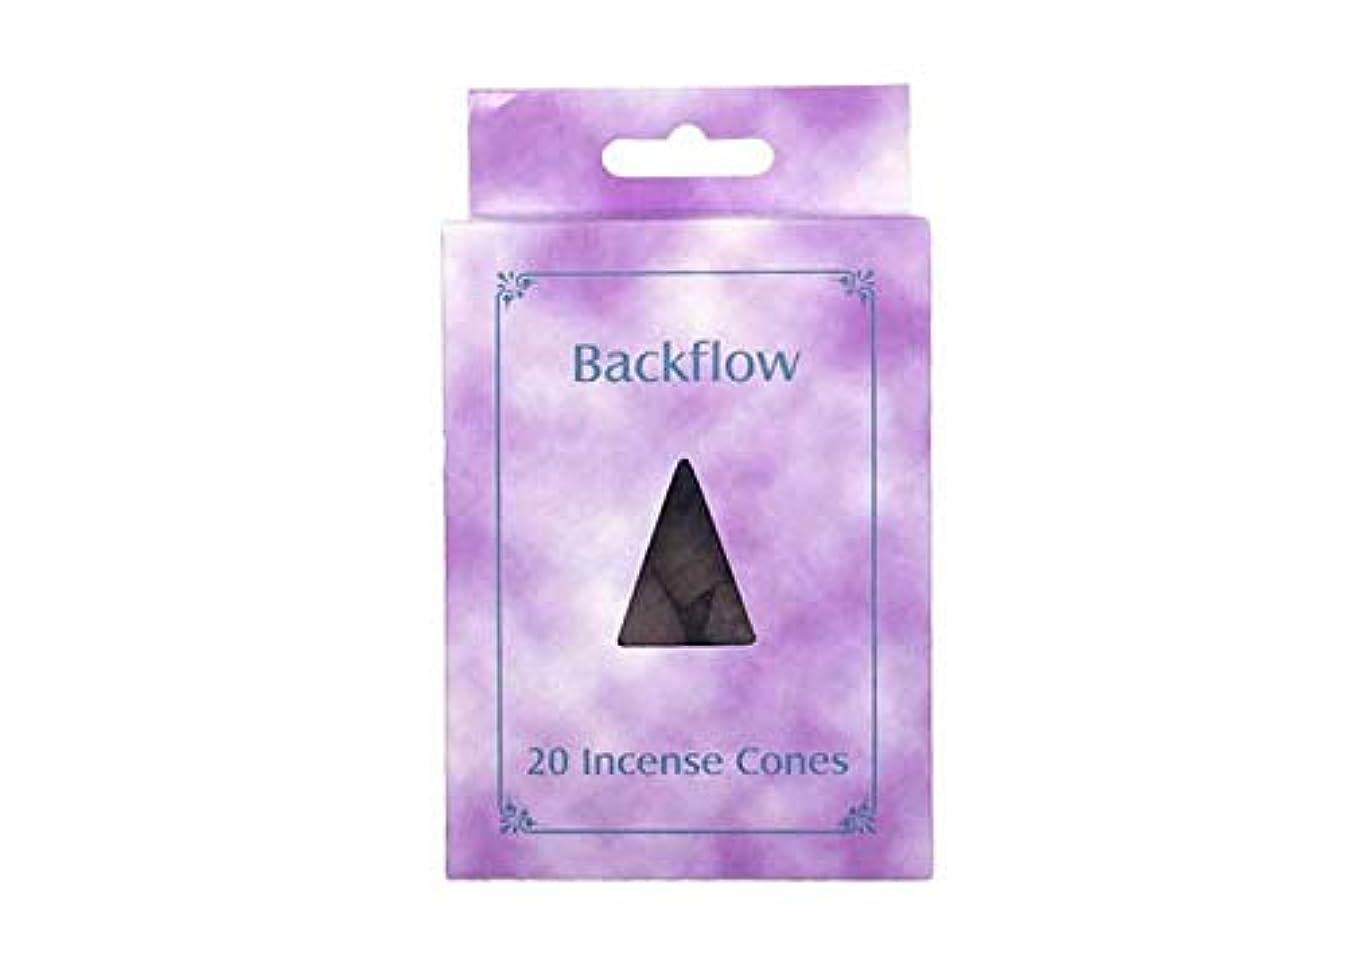 ジャケット宇宙飛行士保全お香 逆流コーン 逆流香 20p ジャスミン Backflow Incense Cones 20p Jasmine